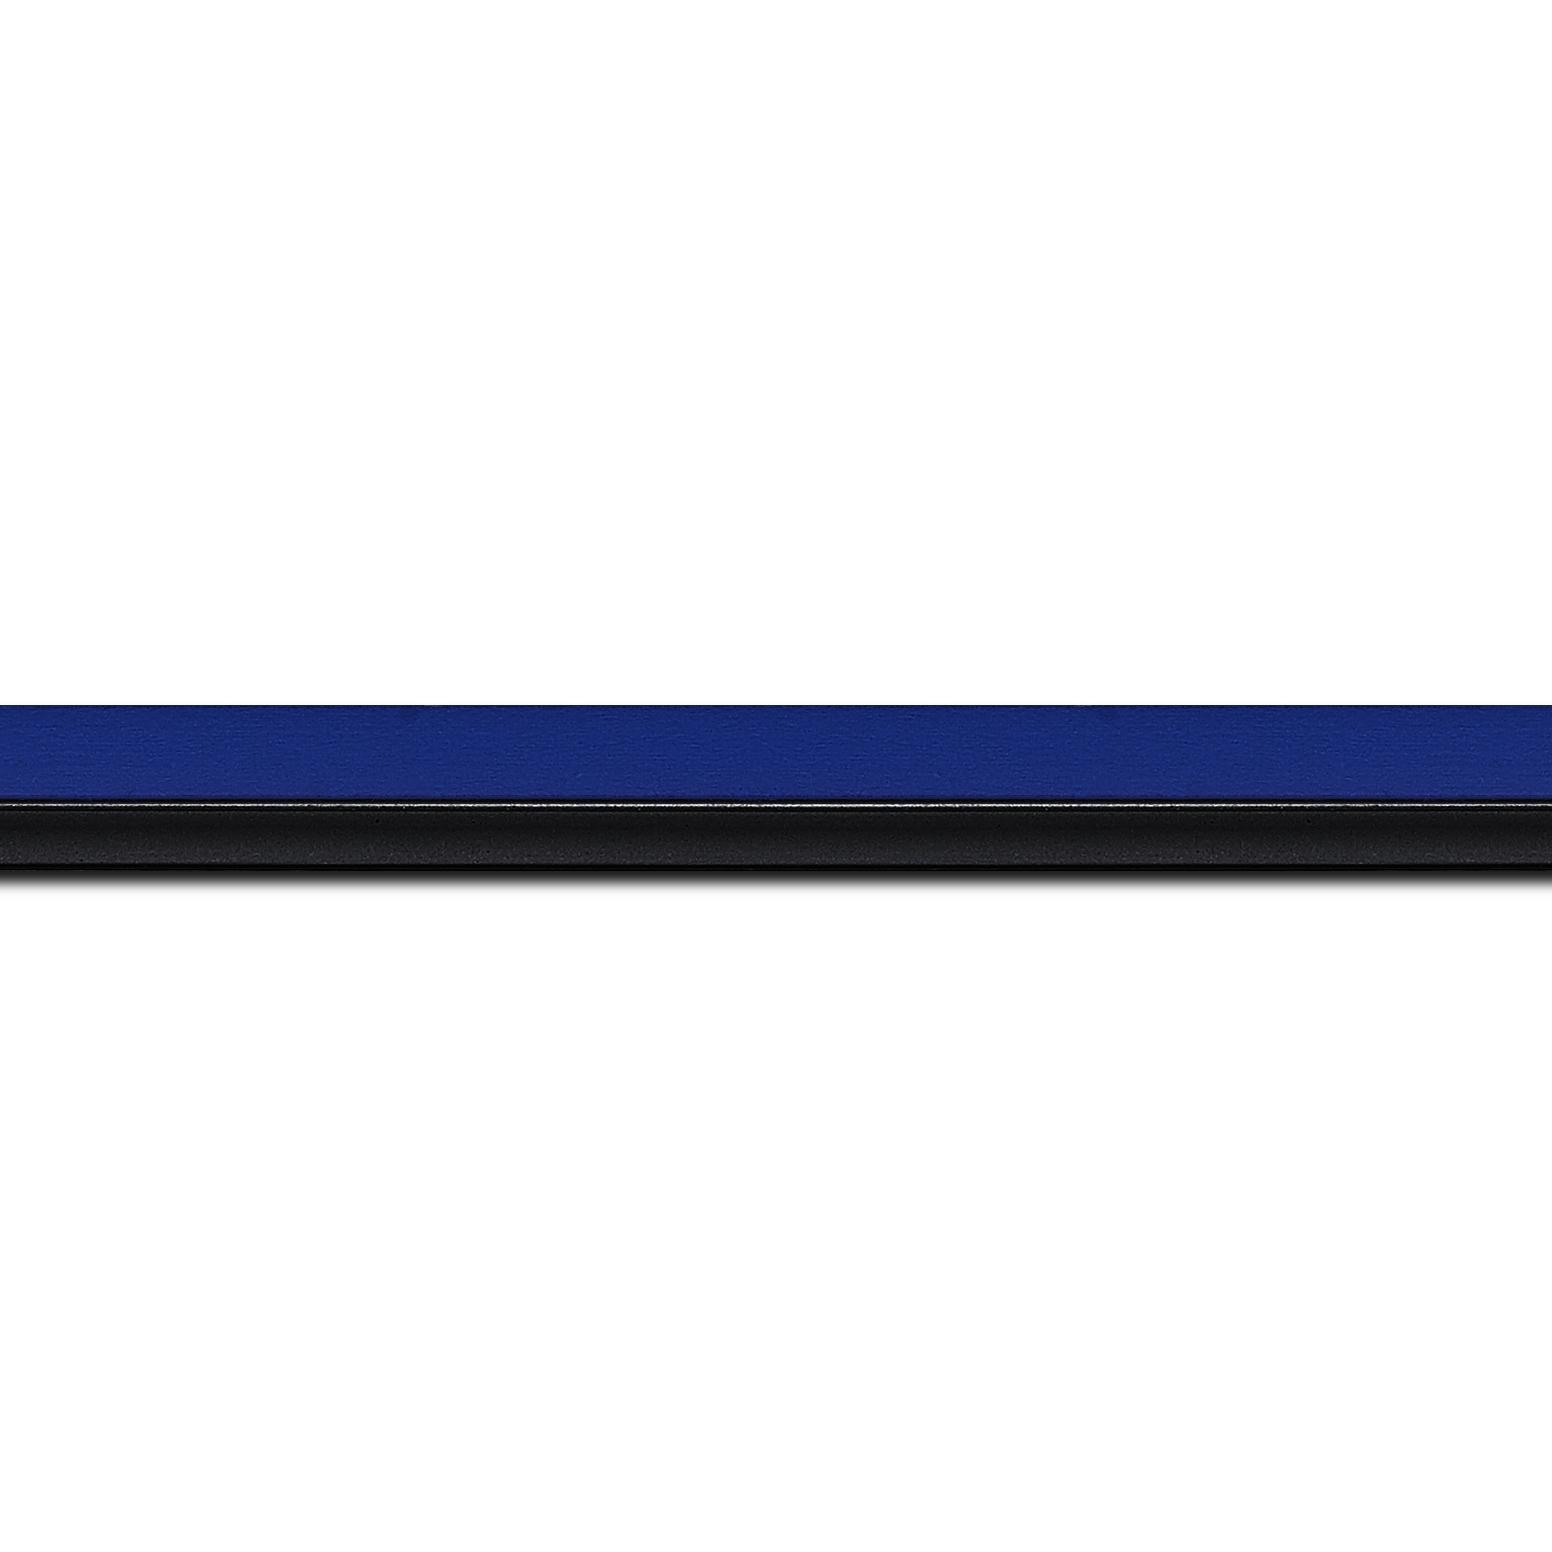 Pack par 12m, bois profil plat largeur 1.6cm couleur bleu franc filet noir en retrait de la face du cadre de 6mm assurant un effet très original (longueur baguette pouvant varier entre 2.40m et 3m selon arrivage des bois)